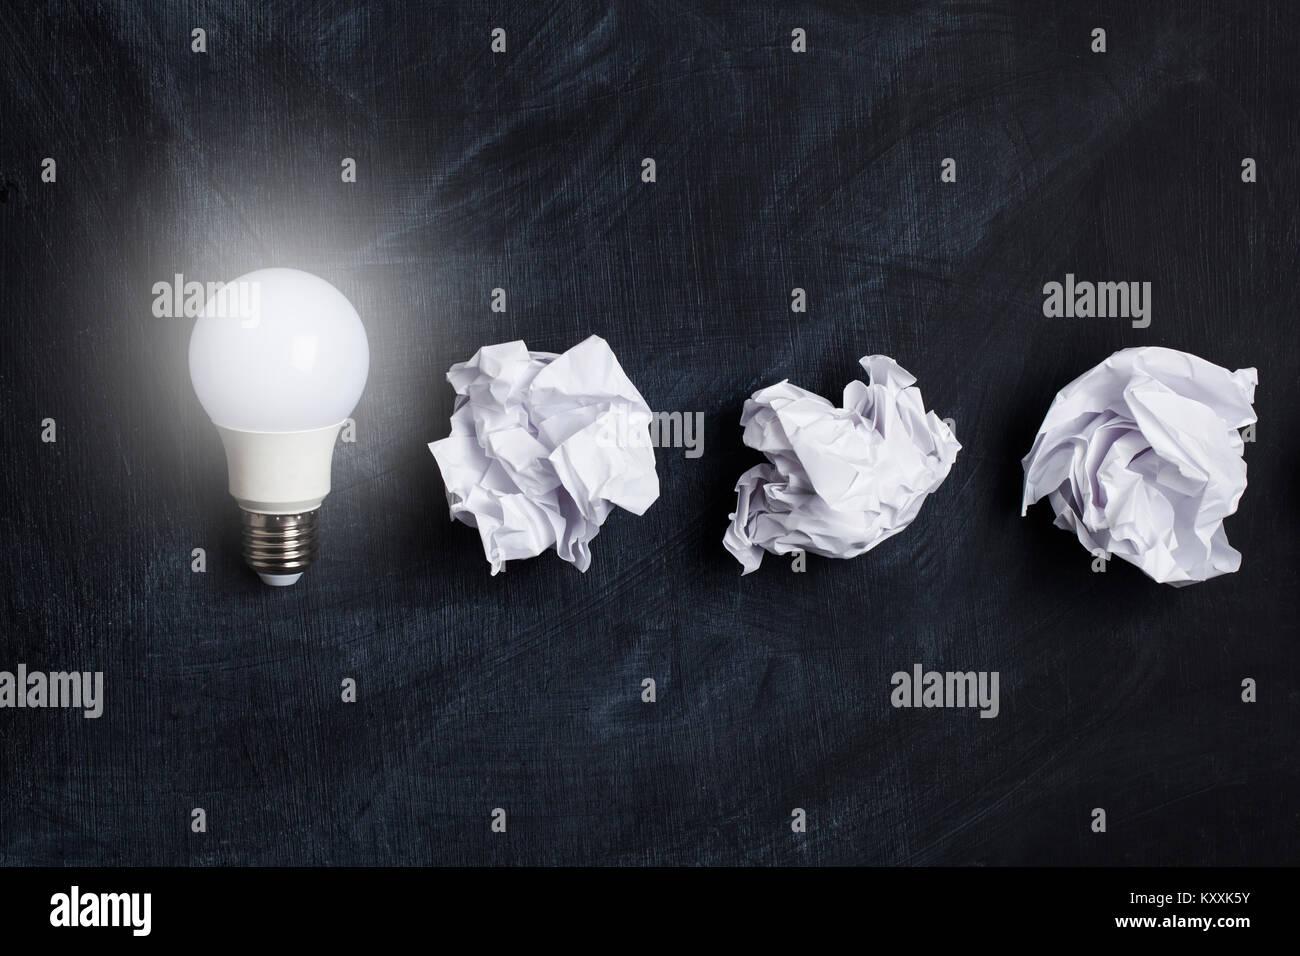 Inspiration und Phantasie Konzept. Glühbirne mit weißen zerknittertes Papier Dokumente Stockfoto